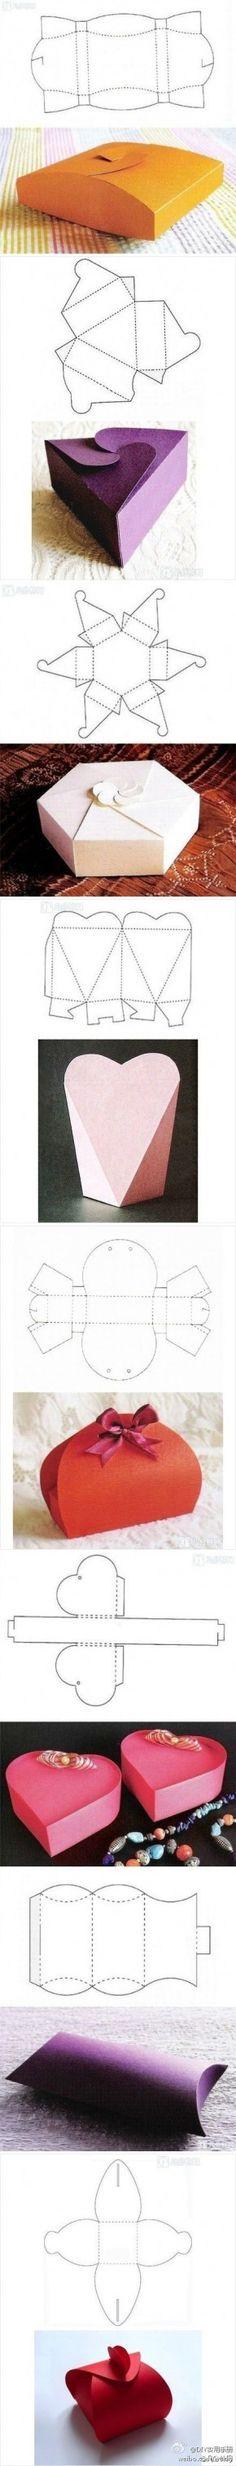 Sjieke kadootjes van karton